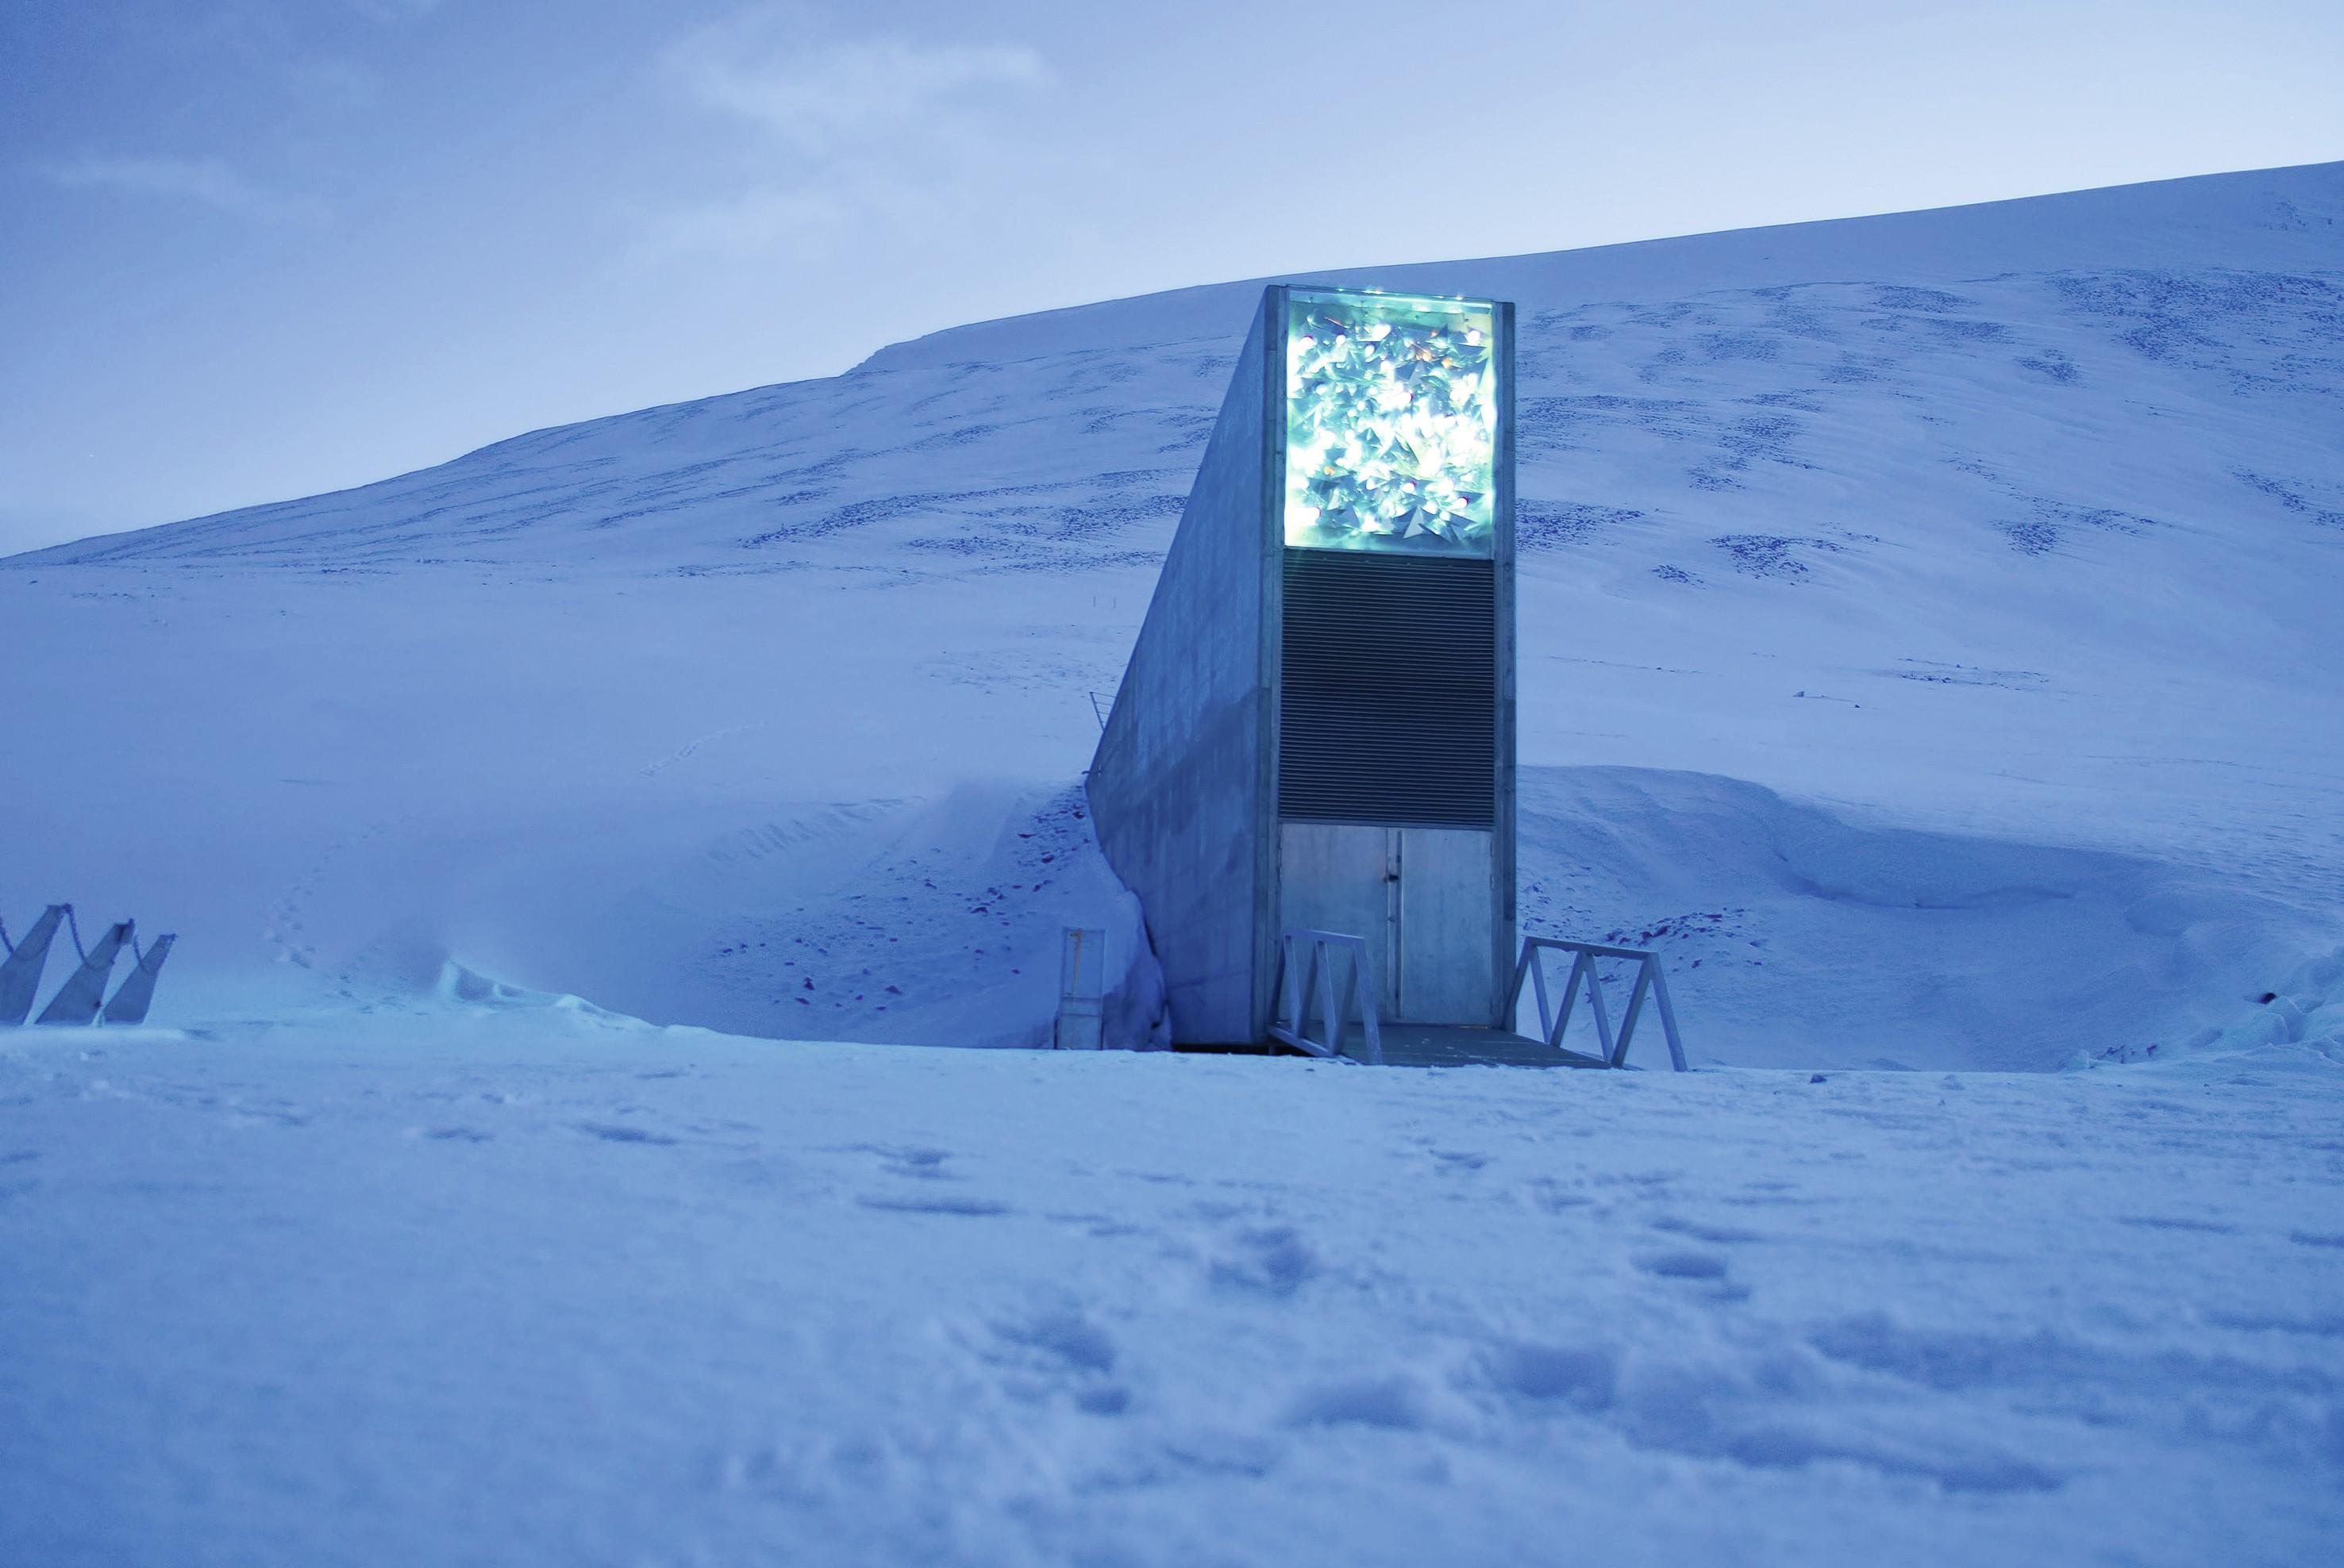 Le Svalbard Global Seed Vault